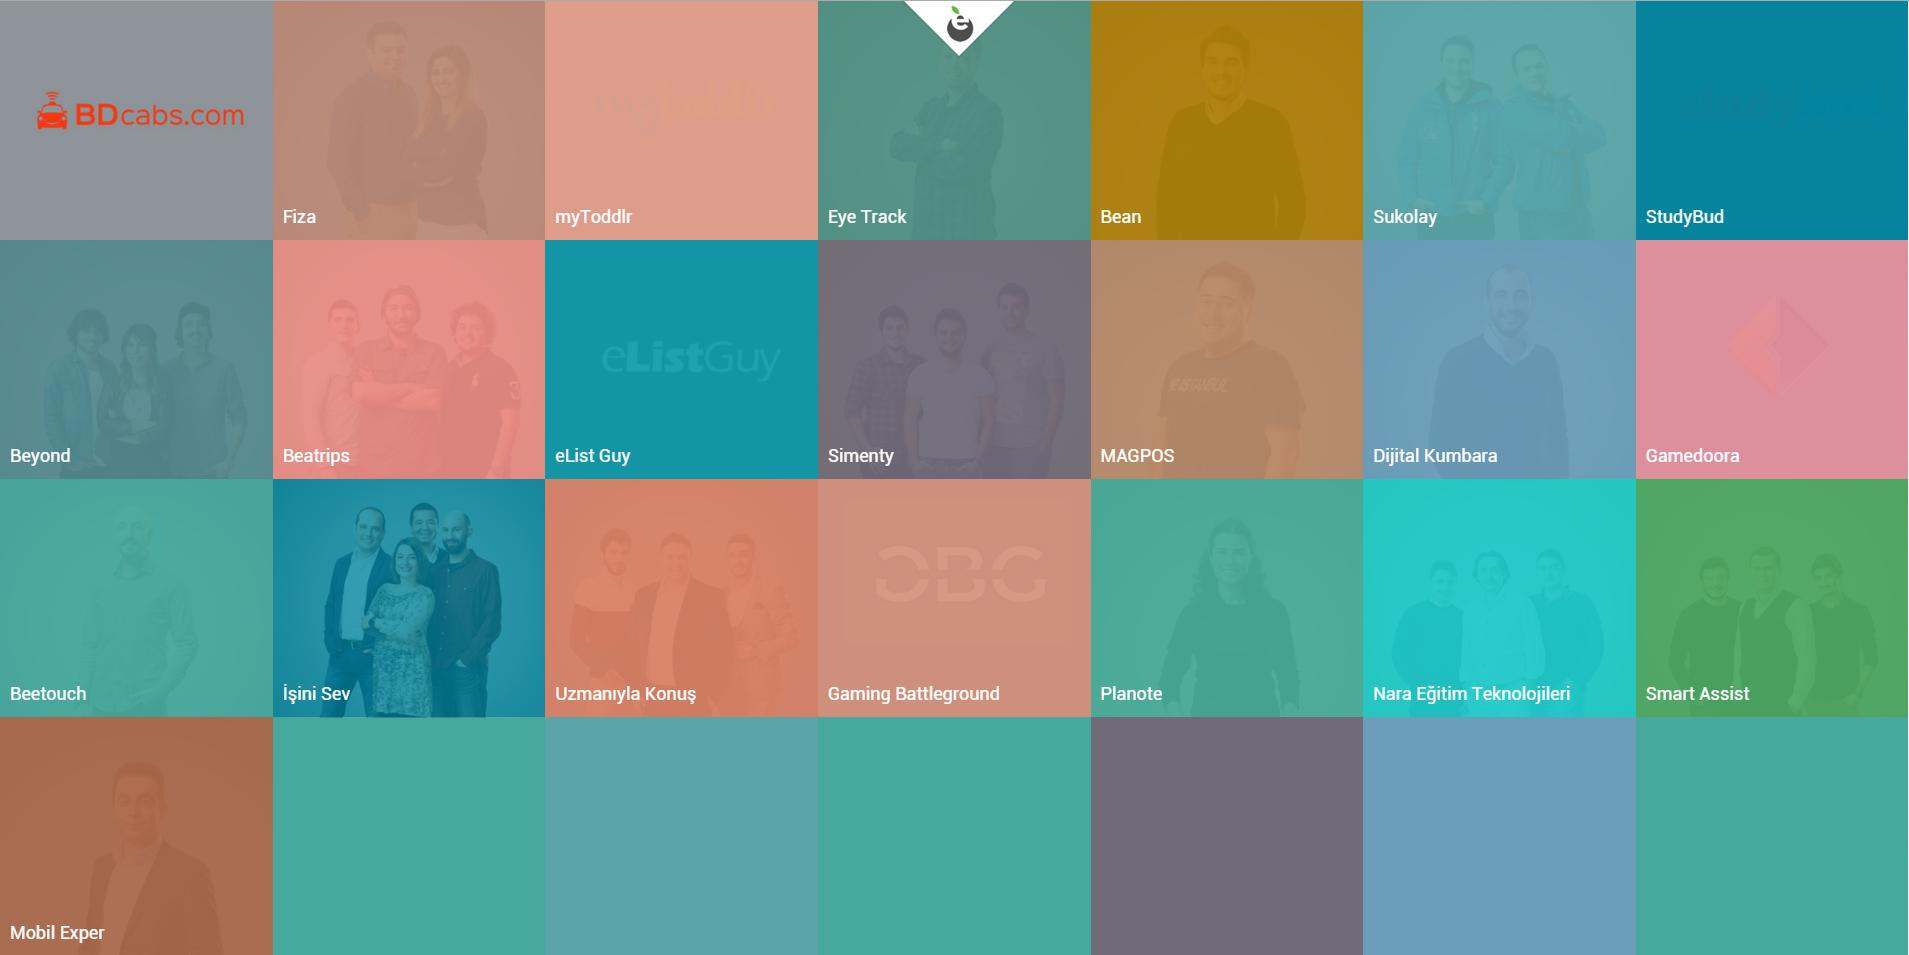 Etohum 2016 En Başarılı 21 Girişimi Açıkladı